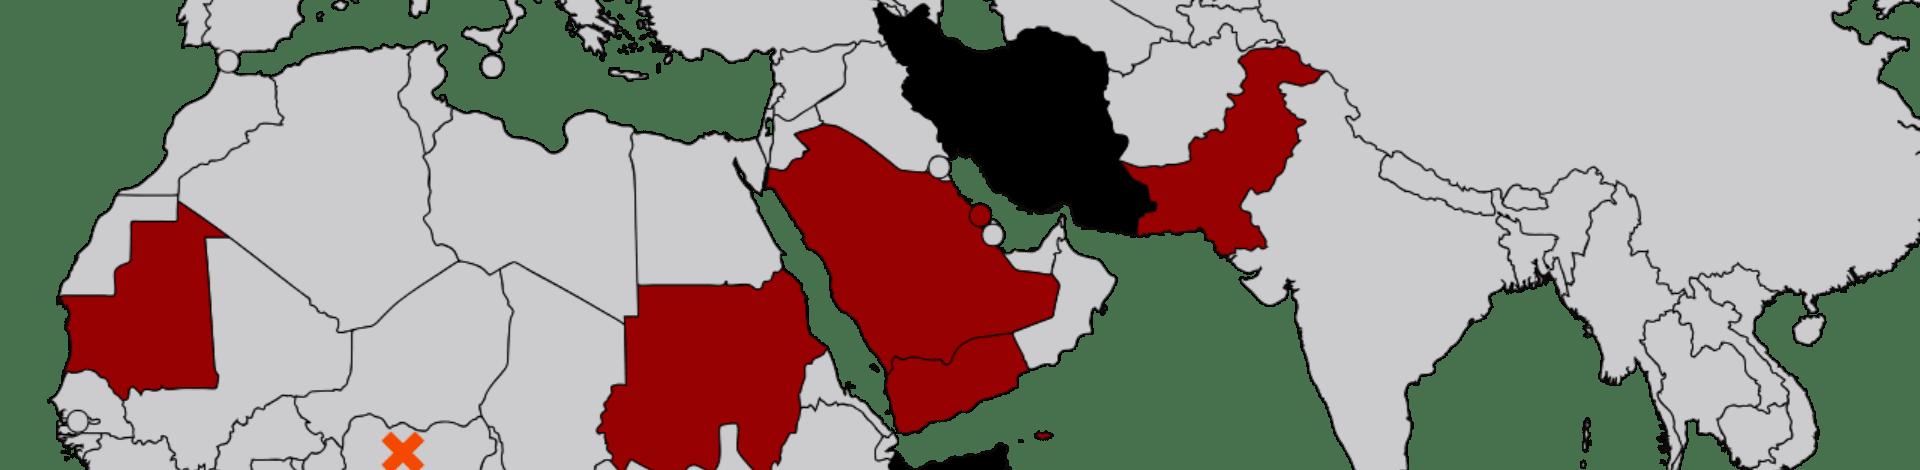 in welchen ländern ist ehebruch strafbar